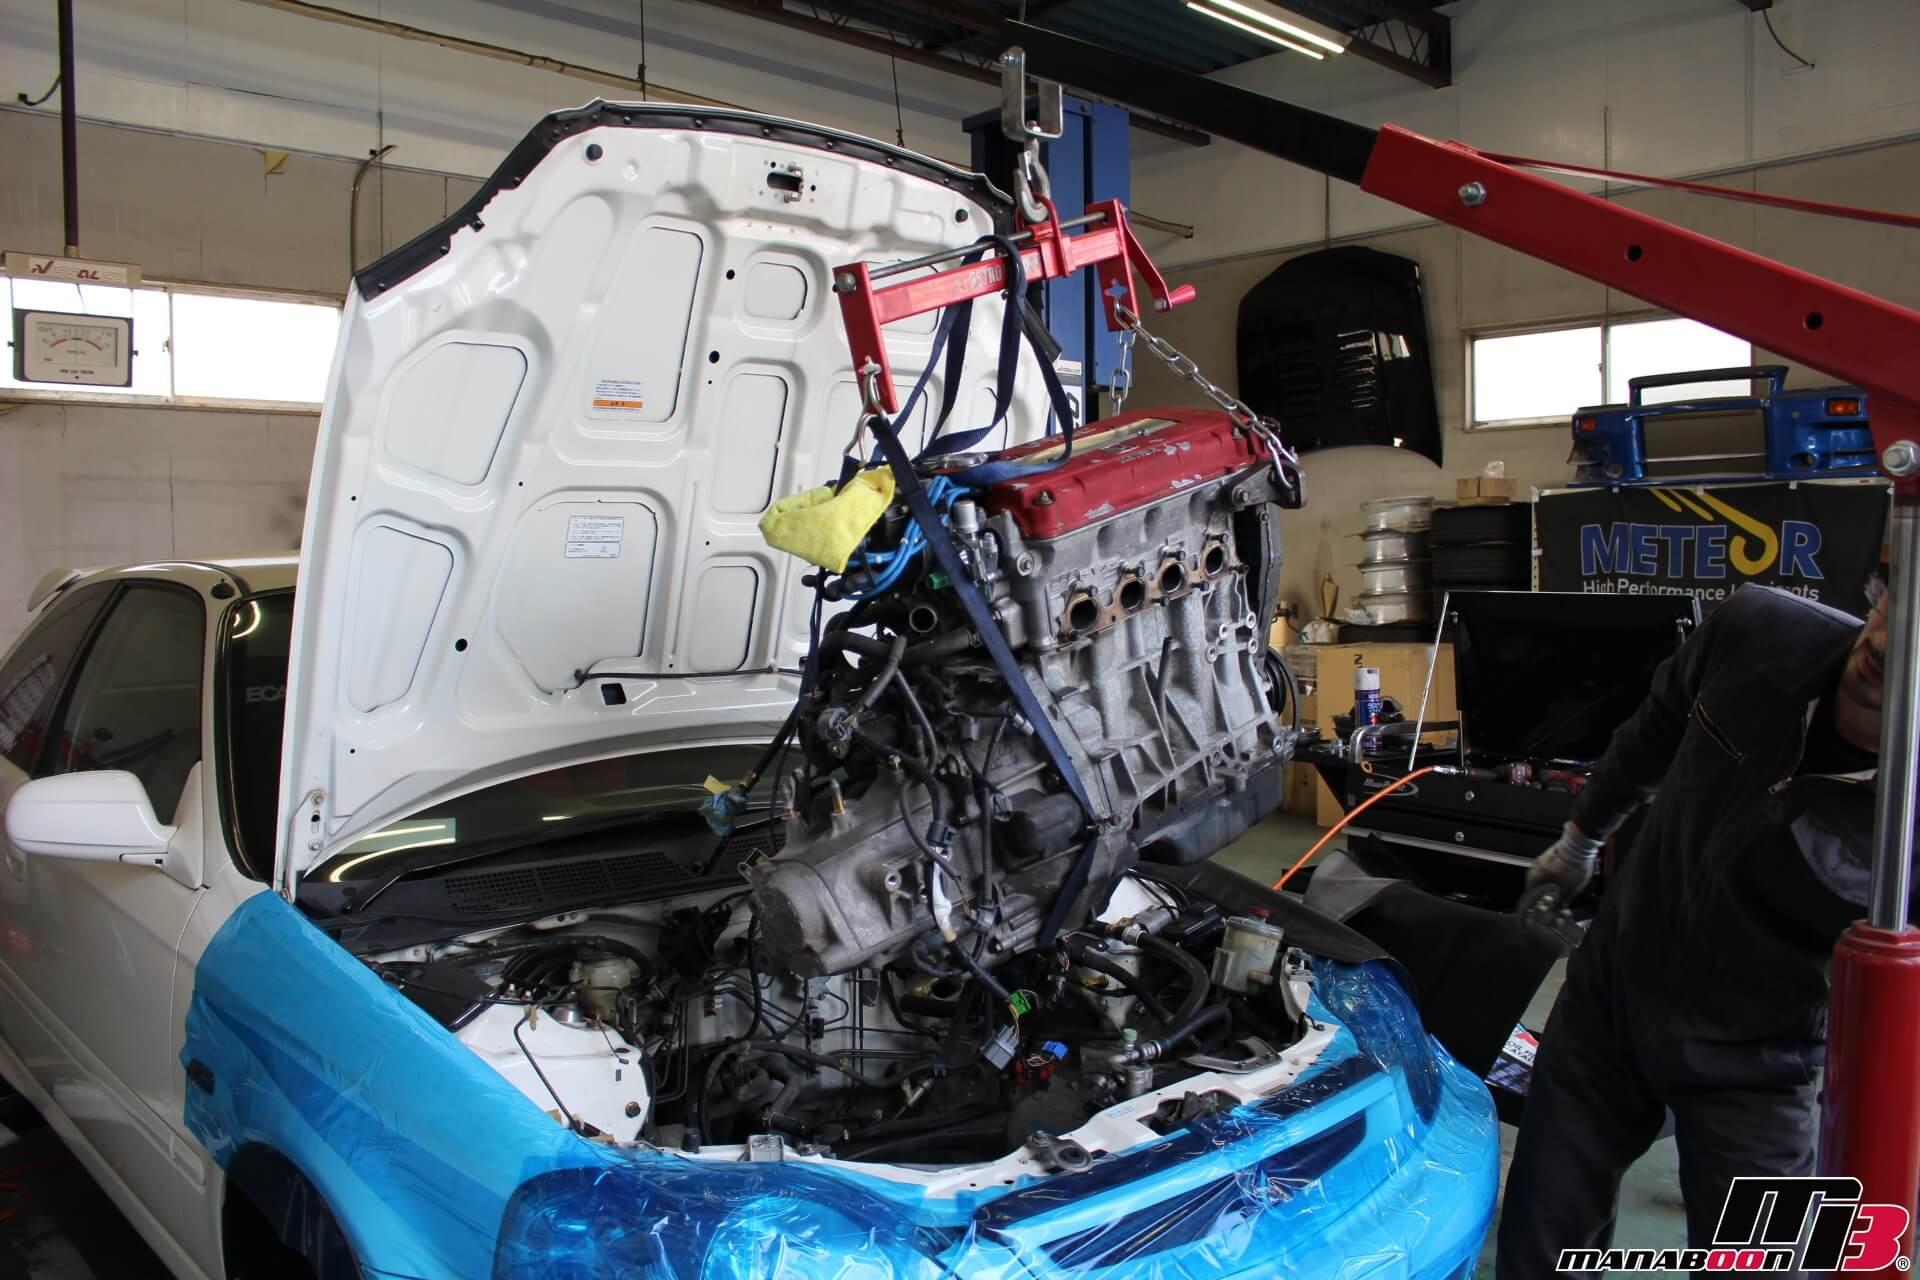 シビックタイプR(EK9)エンジンオーバーホール載せ替え作業